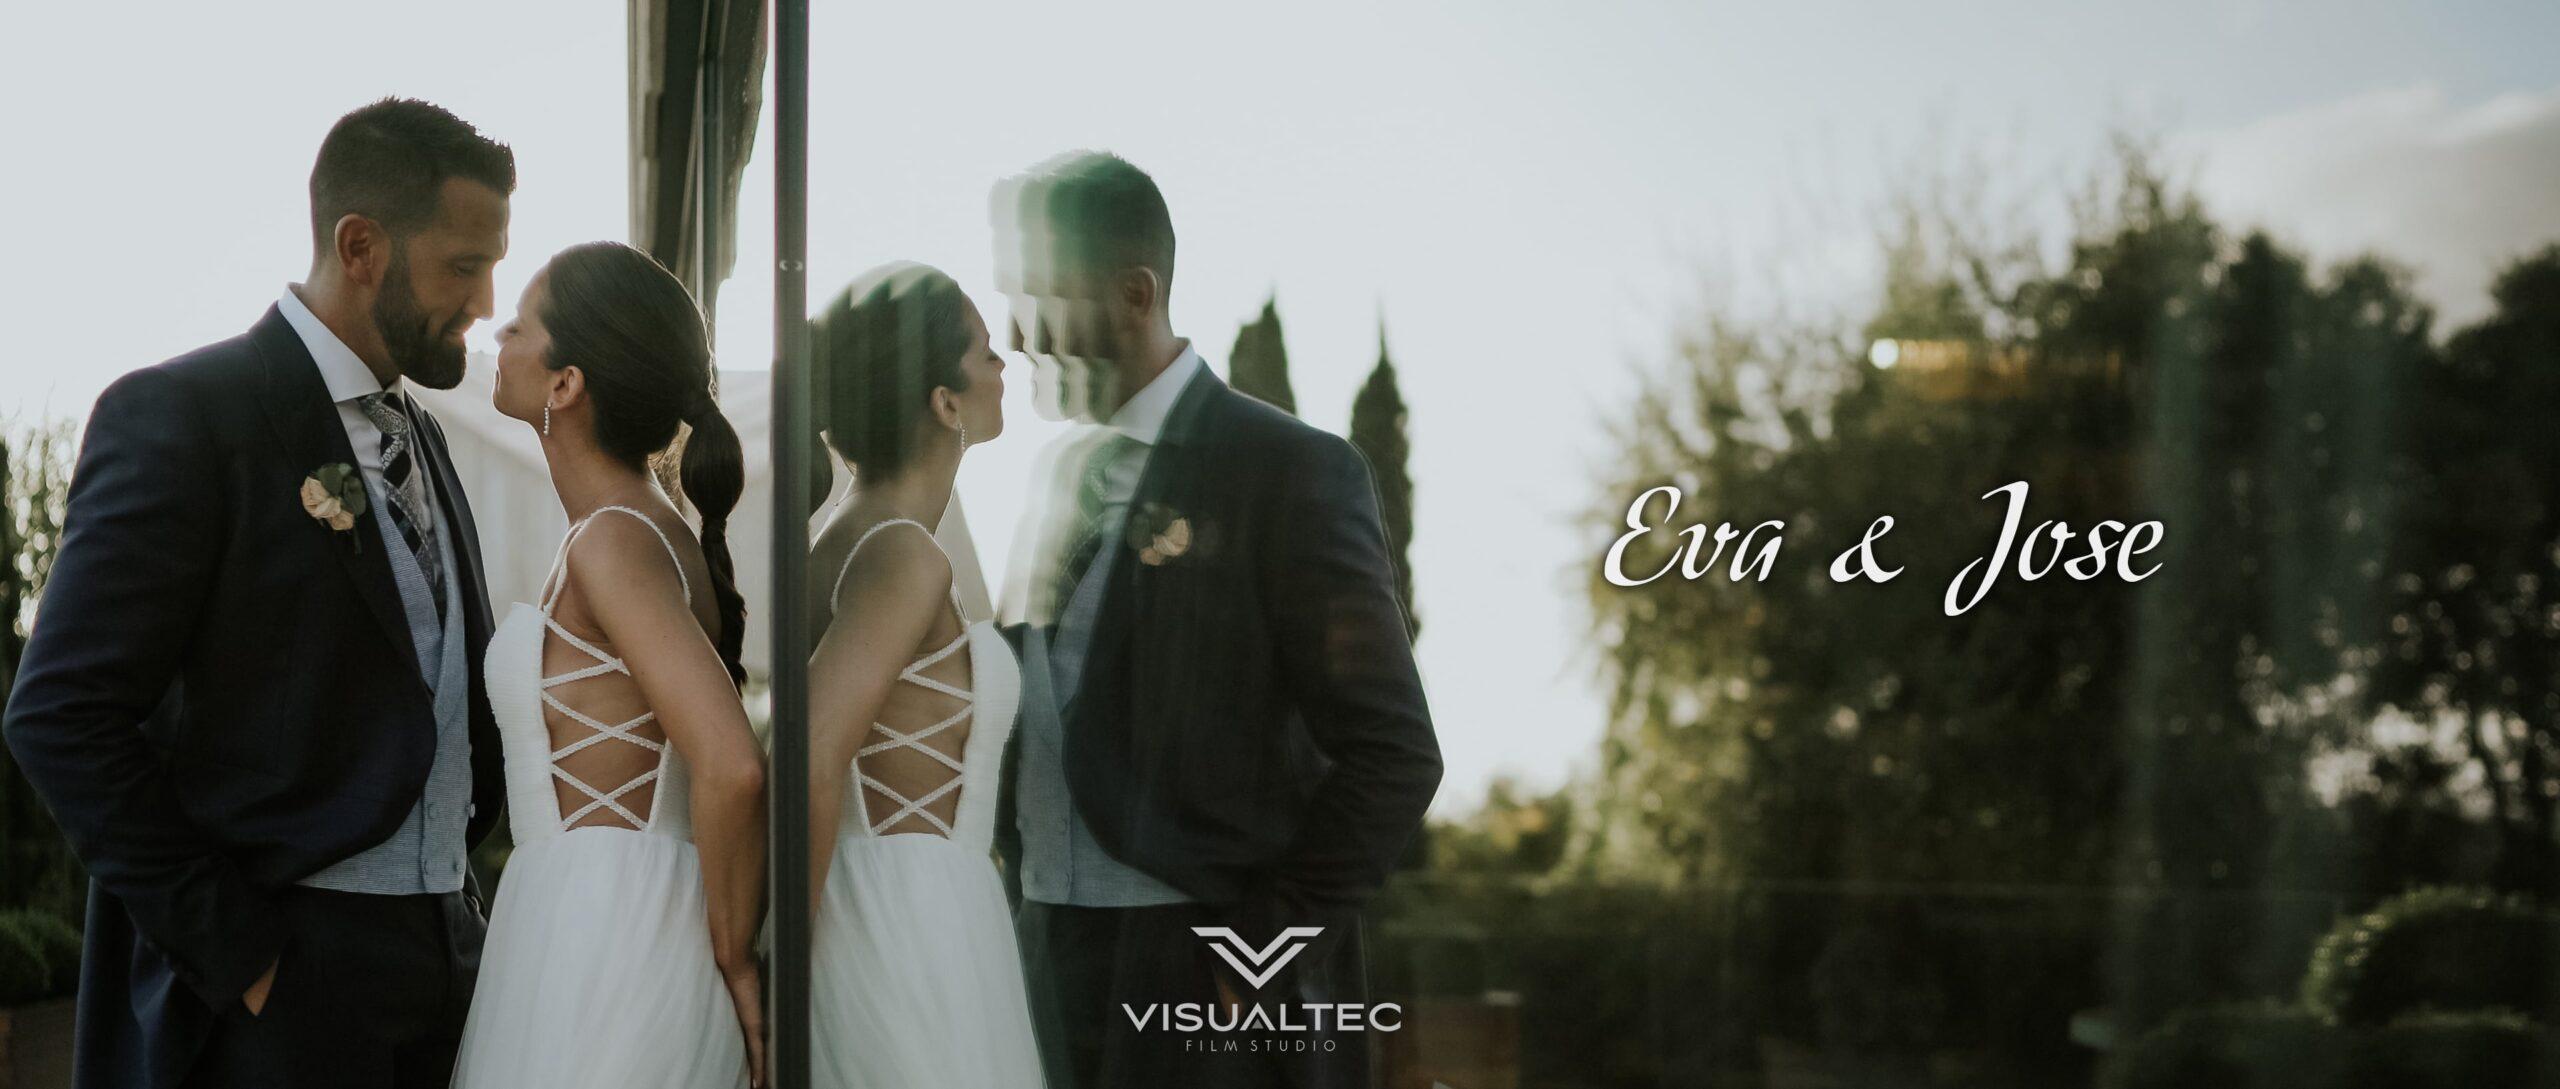 video de boda 5